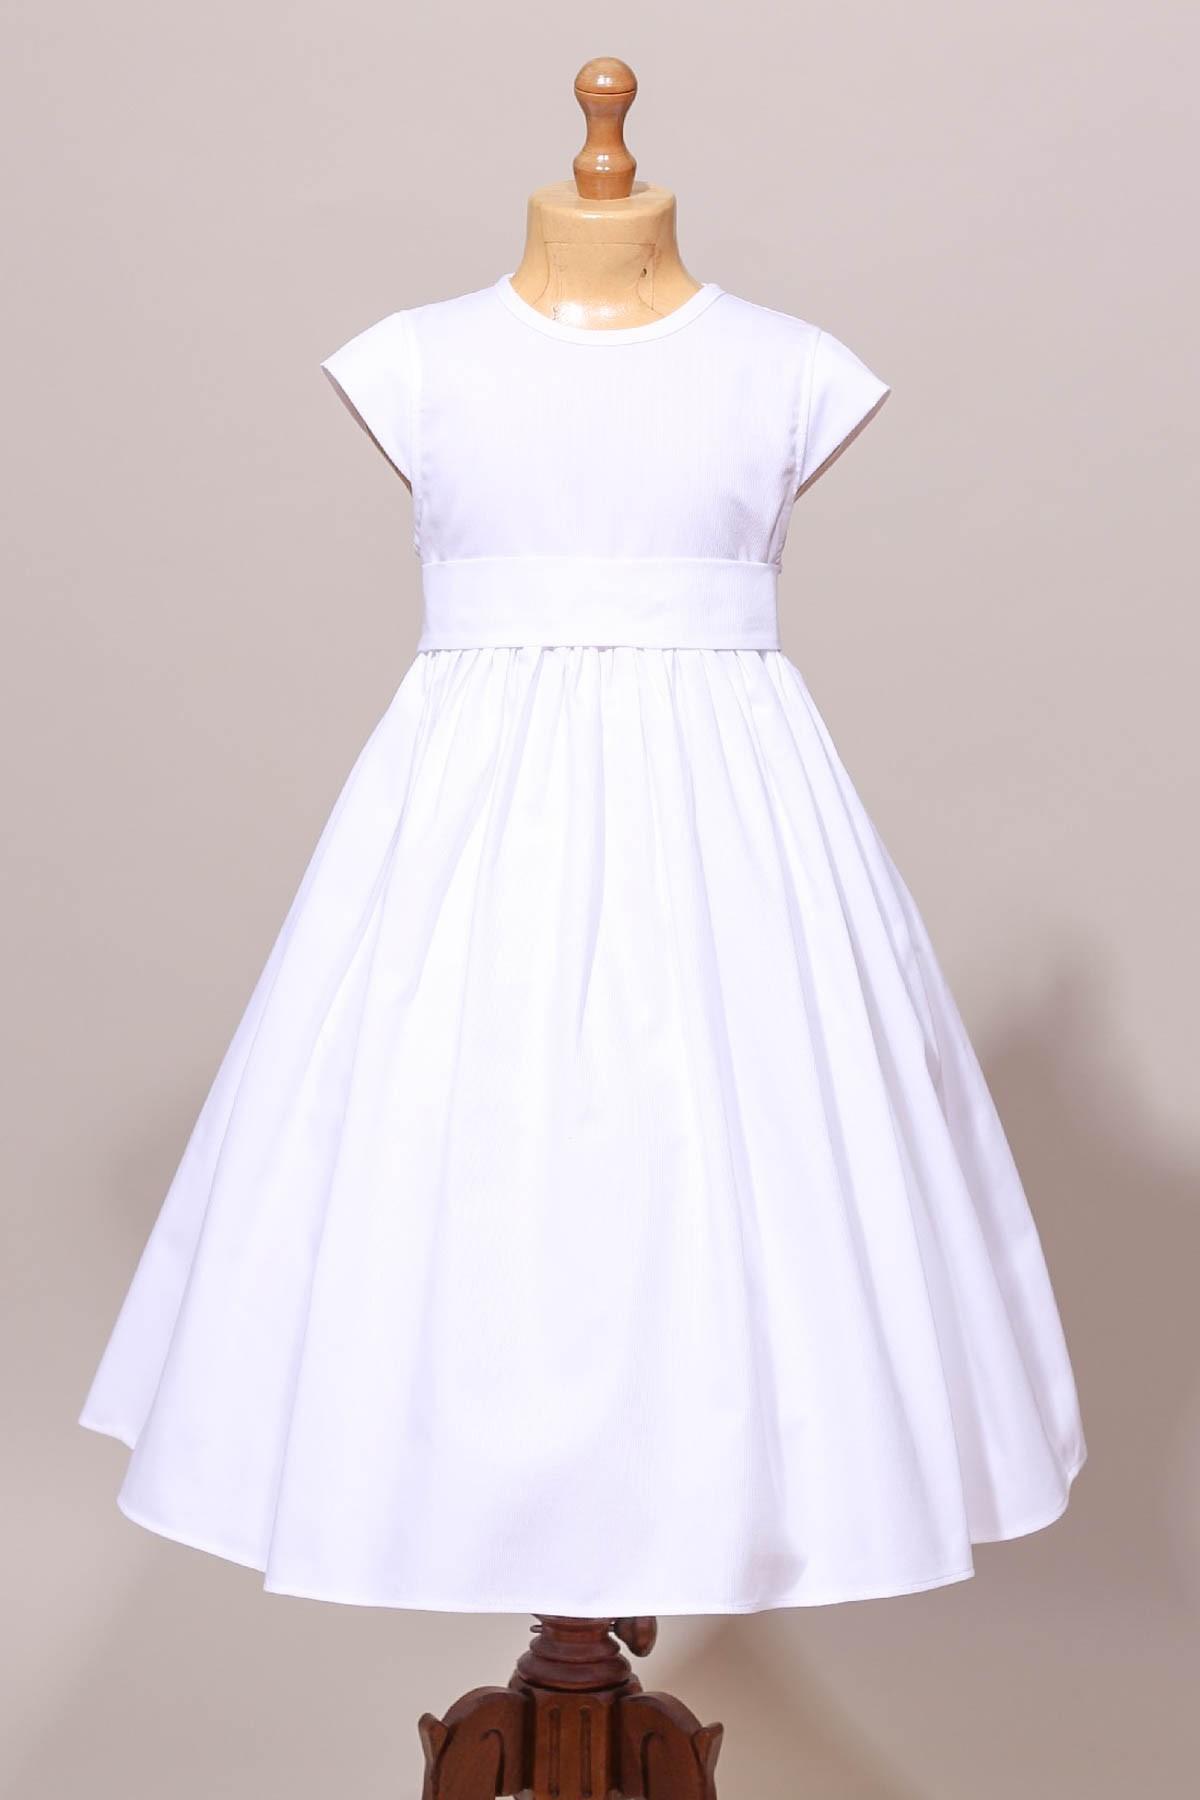 7acfc9607eaed Robe de communion fille